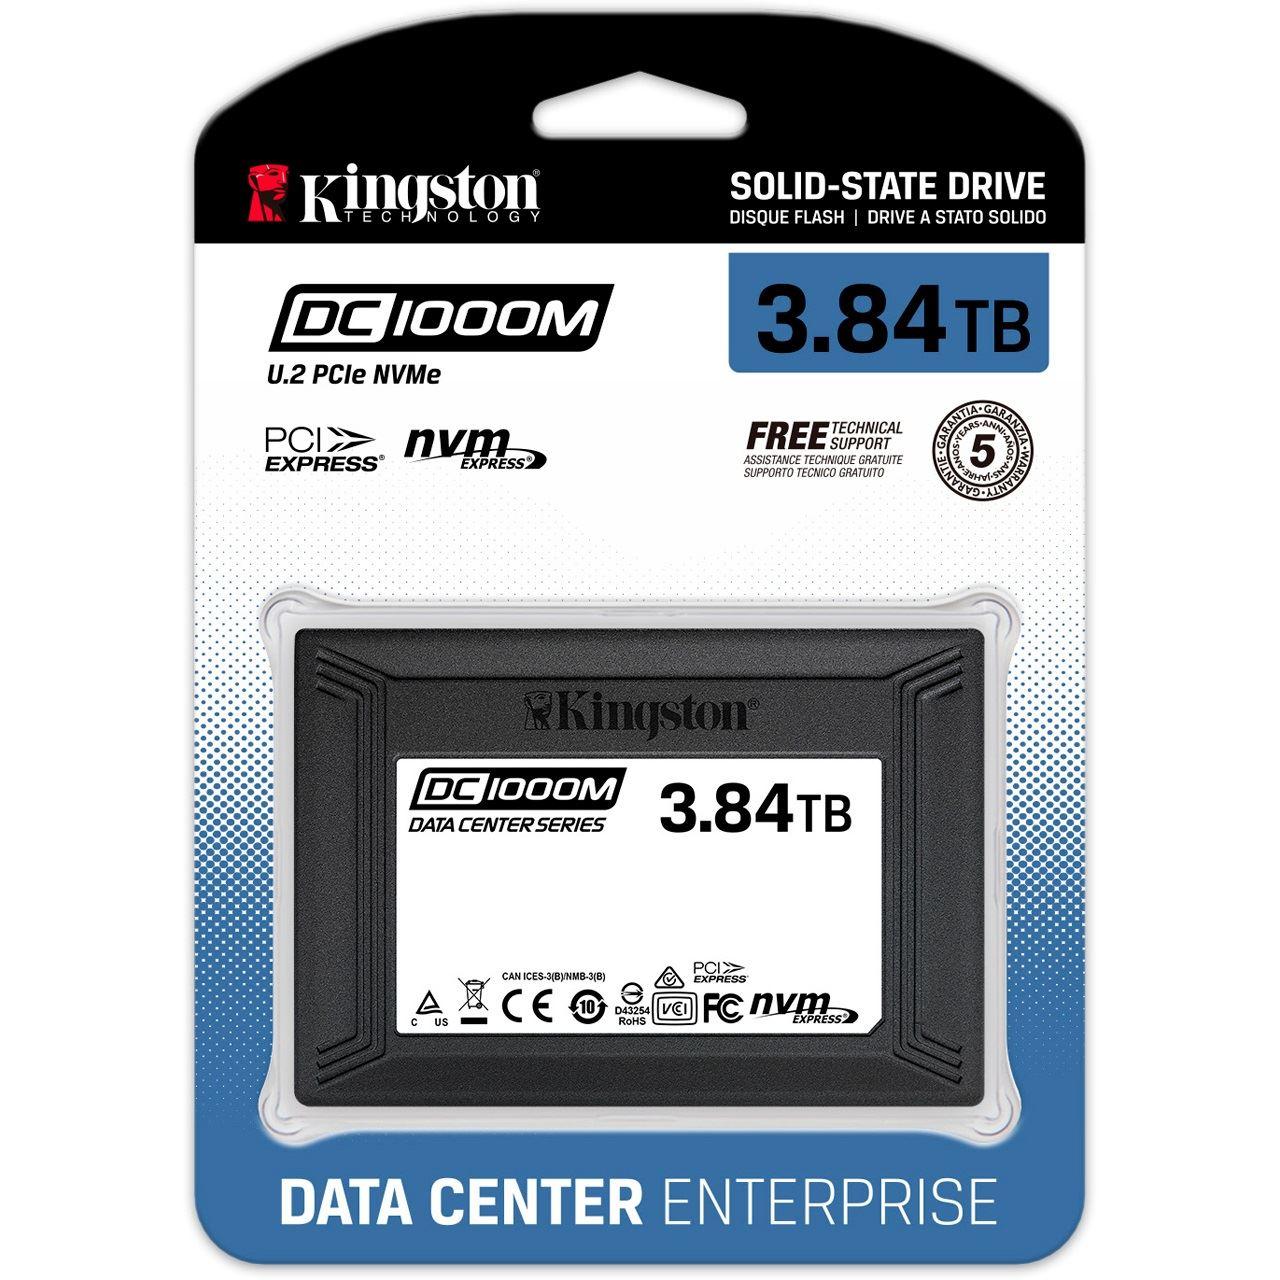 Kingston DC1000M 3840 GB SSD PCIe NVMe 3.0 x4 U.2